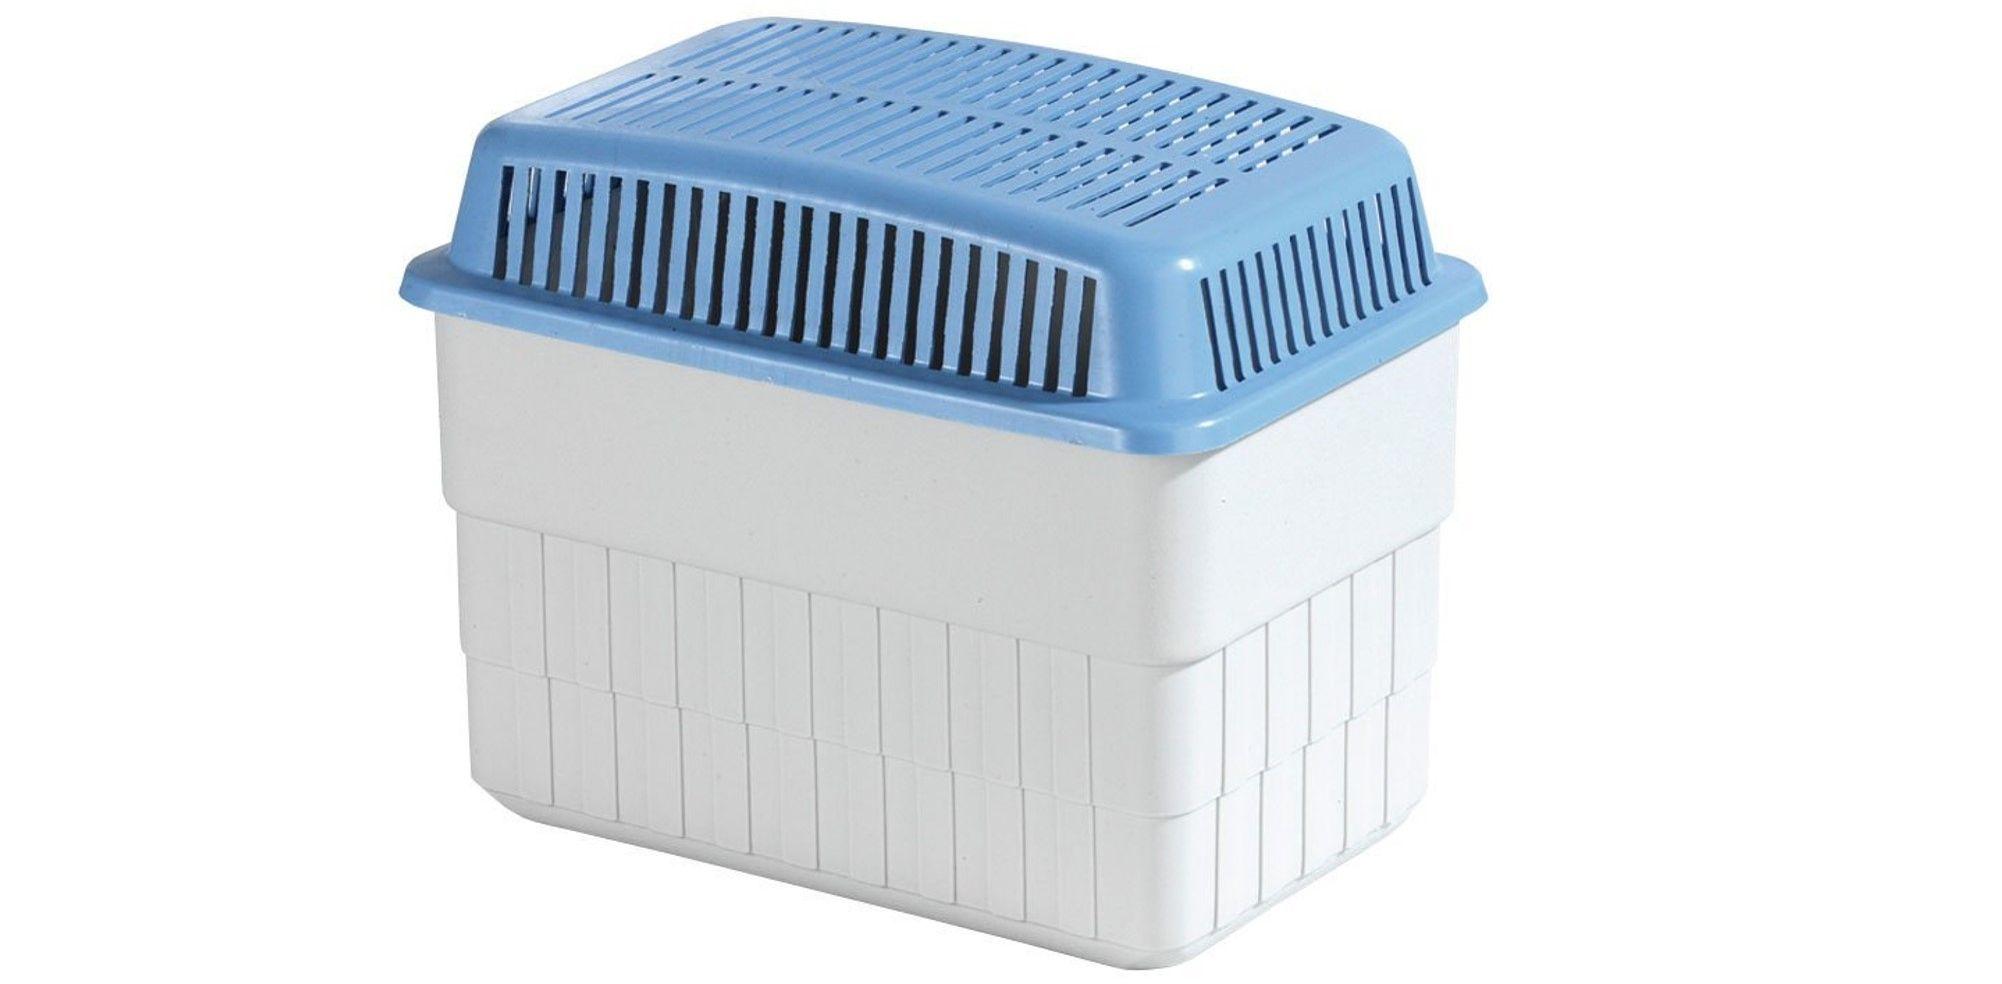 Absorbeur D Humidité Avis comparatif : quel est le meilleur absorbeur d'humidité ?